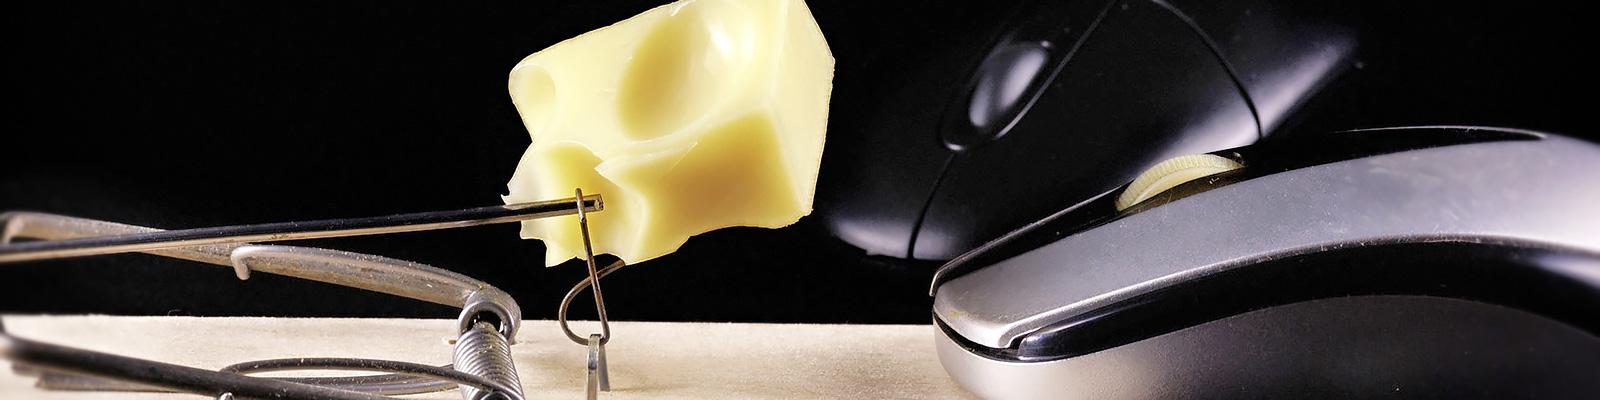 クリックベイト マウス 罠 イメージ